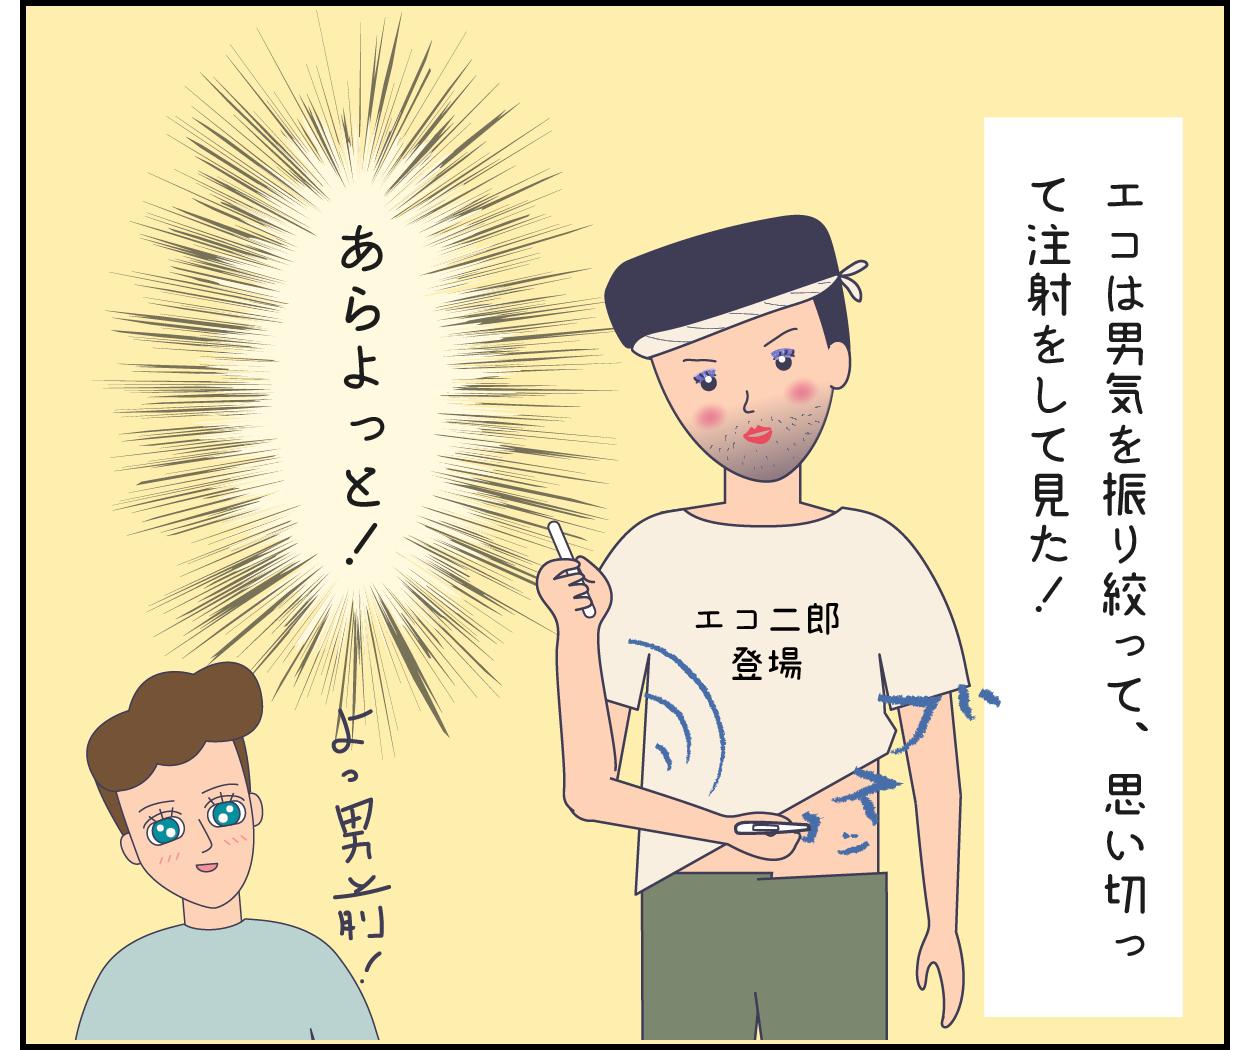 男前 エコ二郎 お腹に注射 体外受精